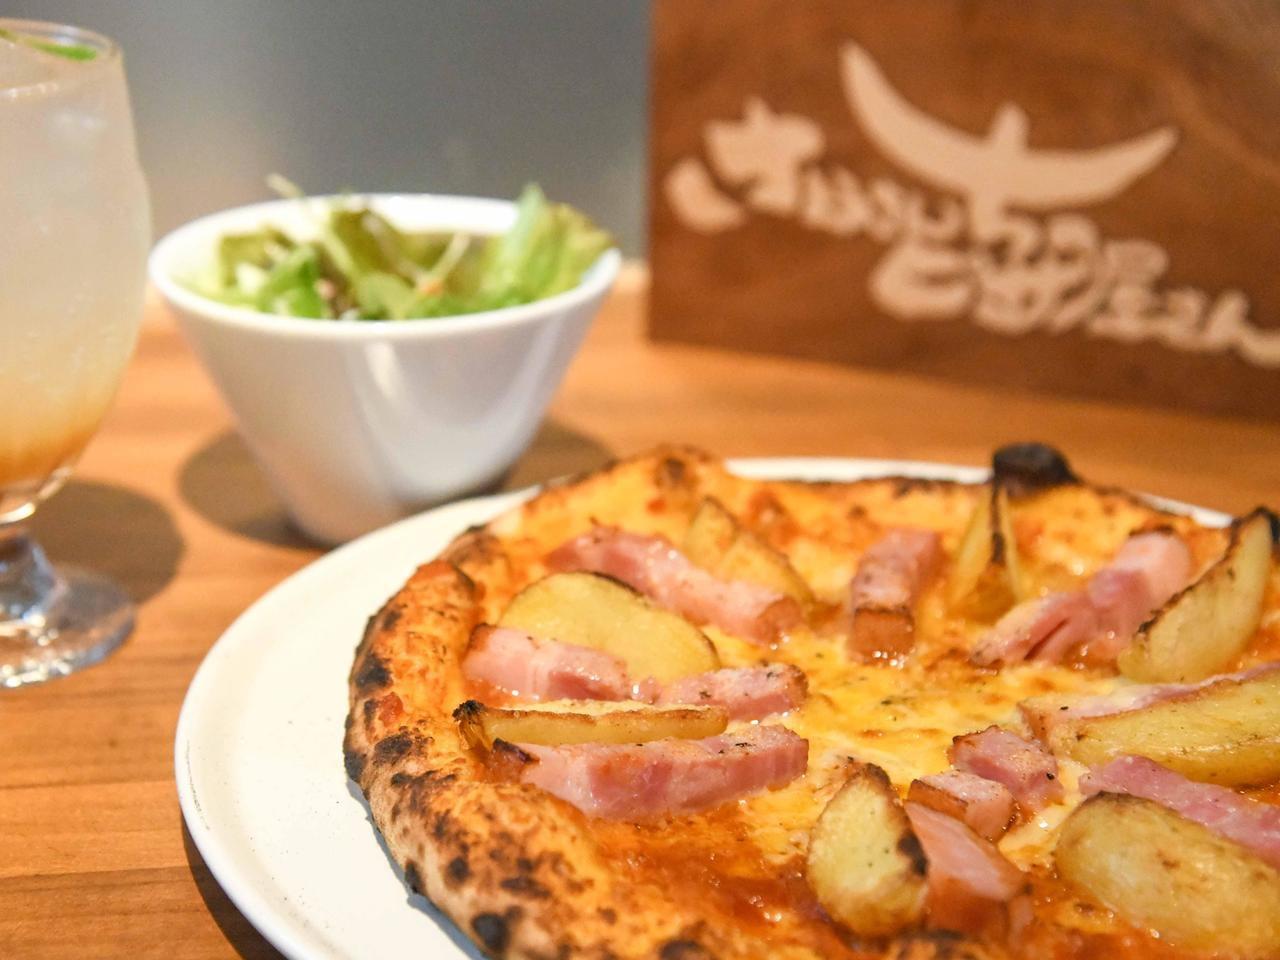 【加古川】テレビで大反響!さとうさん家のピザ屋さん最新情報